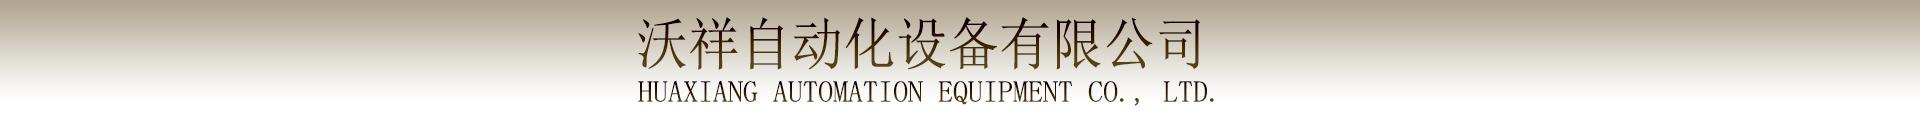 东莞市沃祥自动化设备有限公司